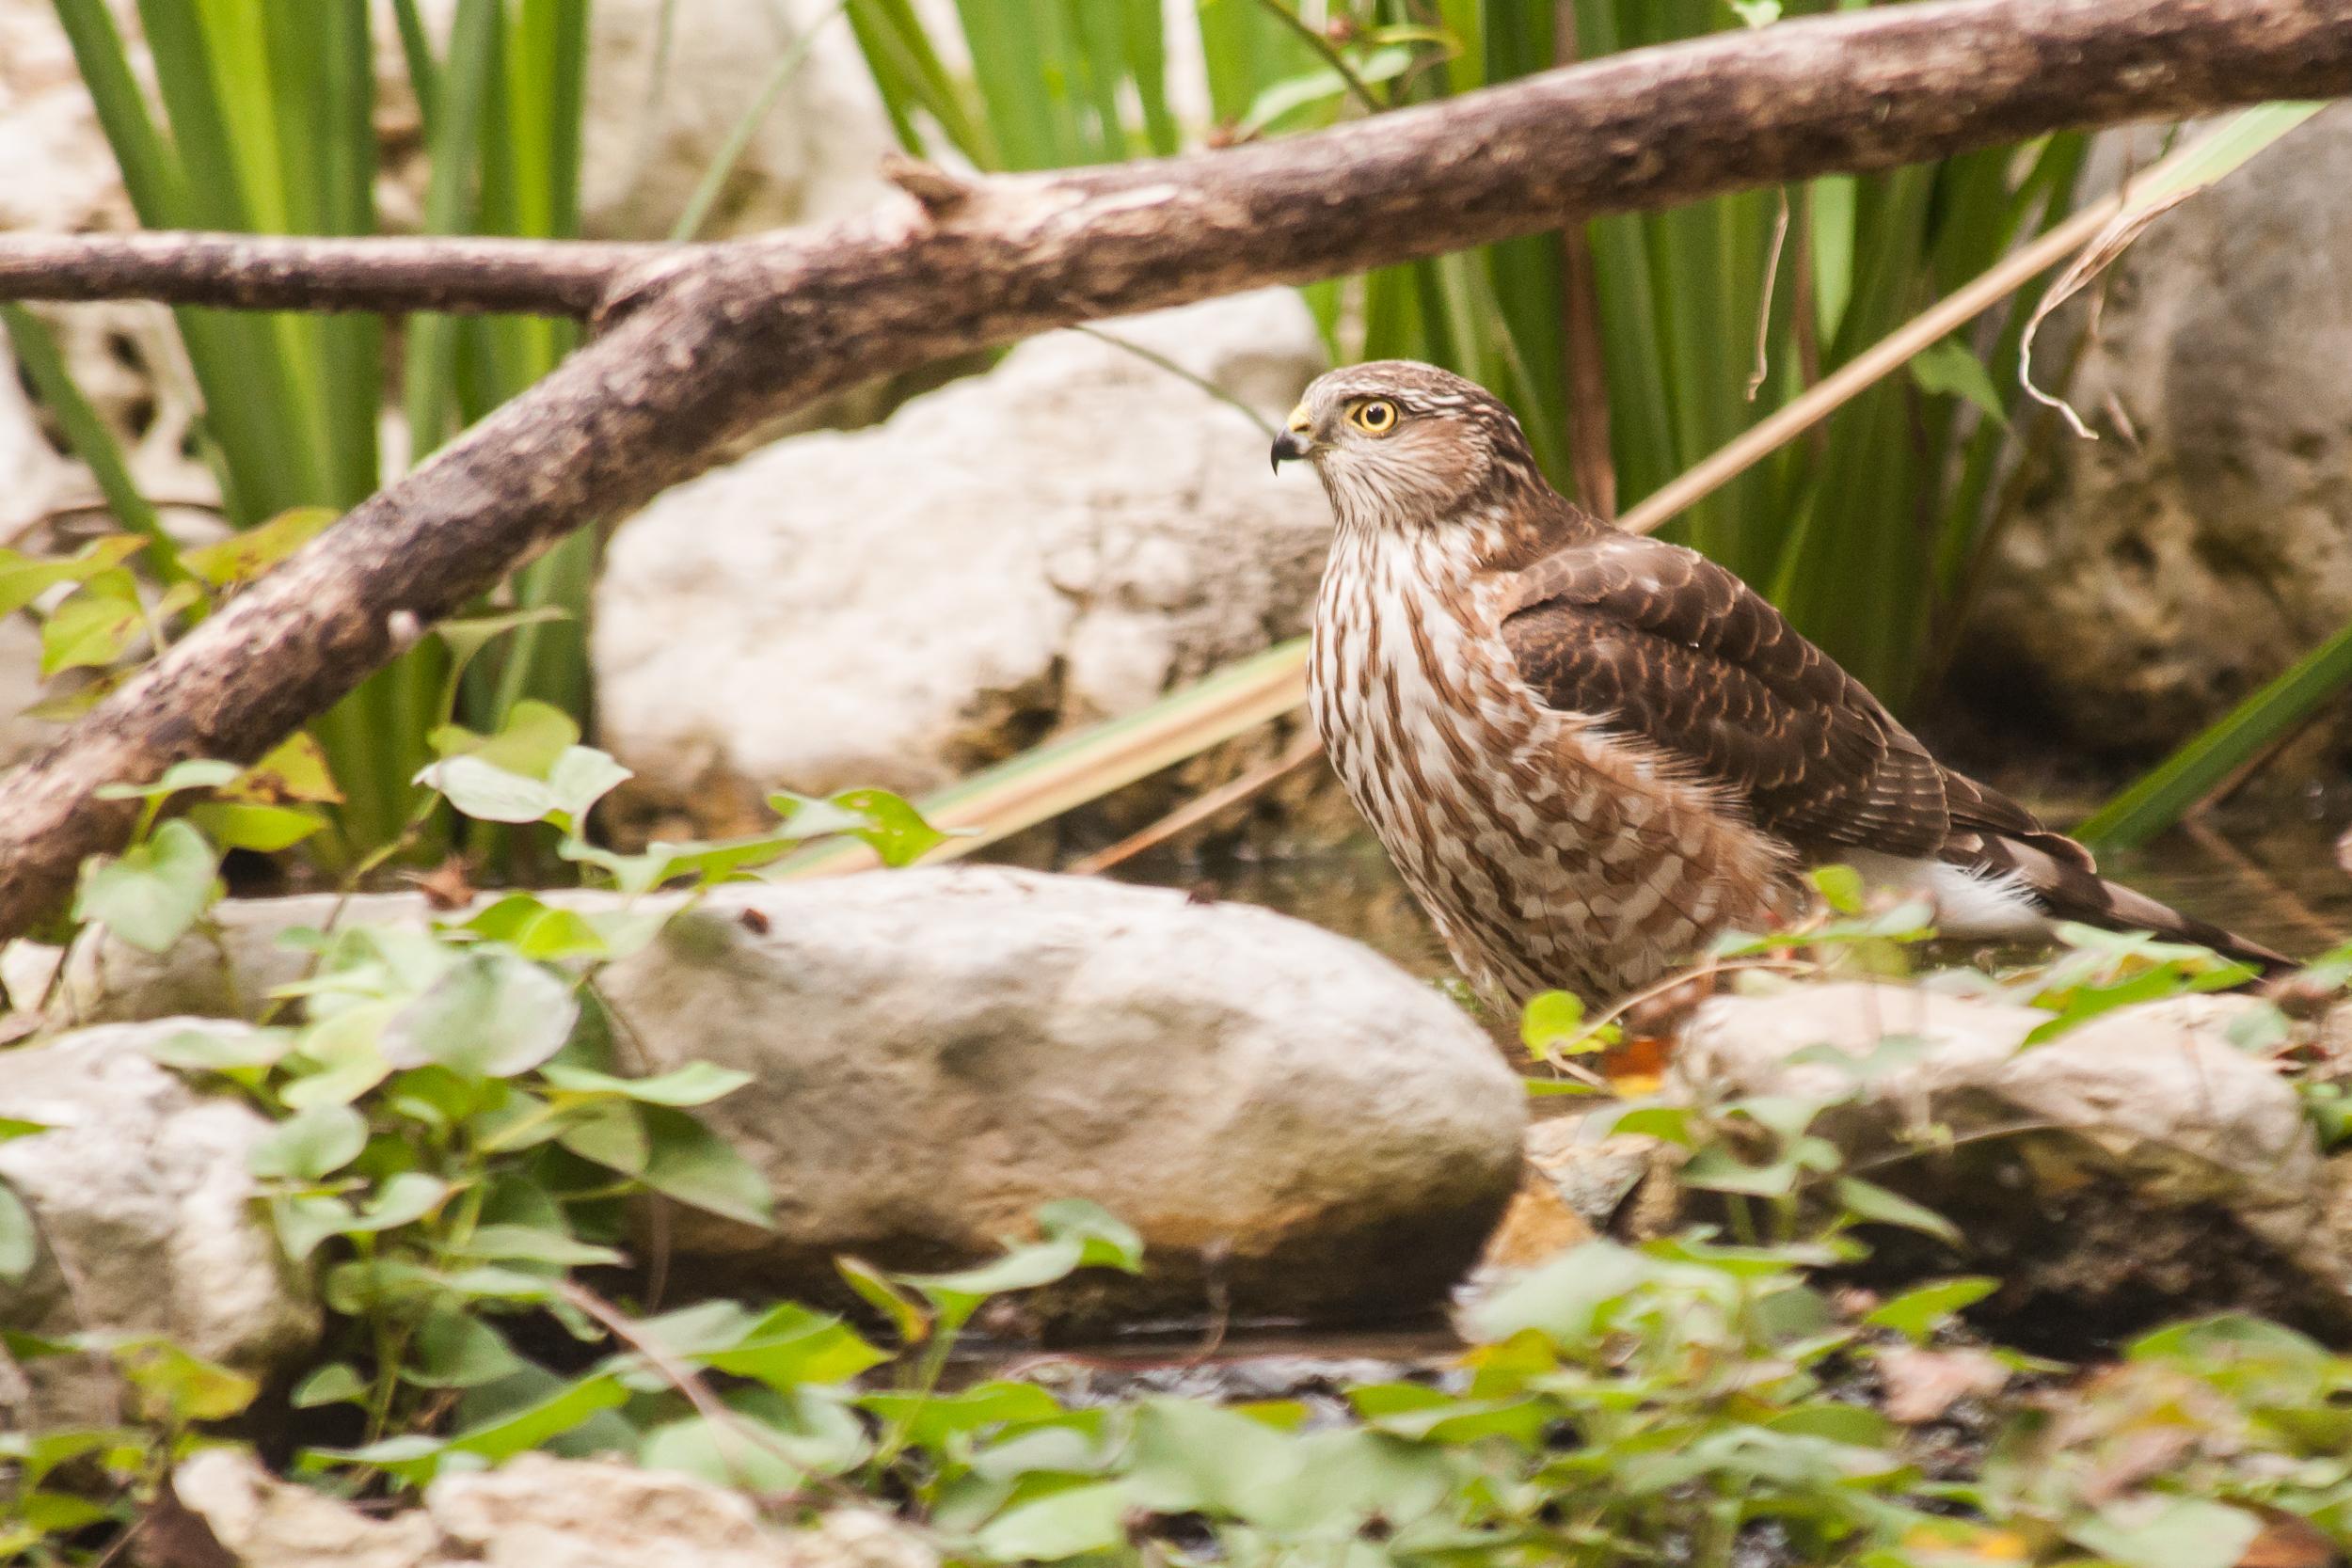 Species: Cooper's Hawk Photo Credit: Alyssia Church Date: November 2016 Location: Warbler Woods Bird Sanctuary